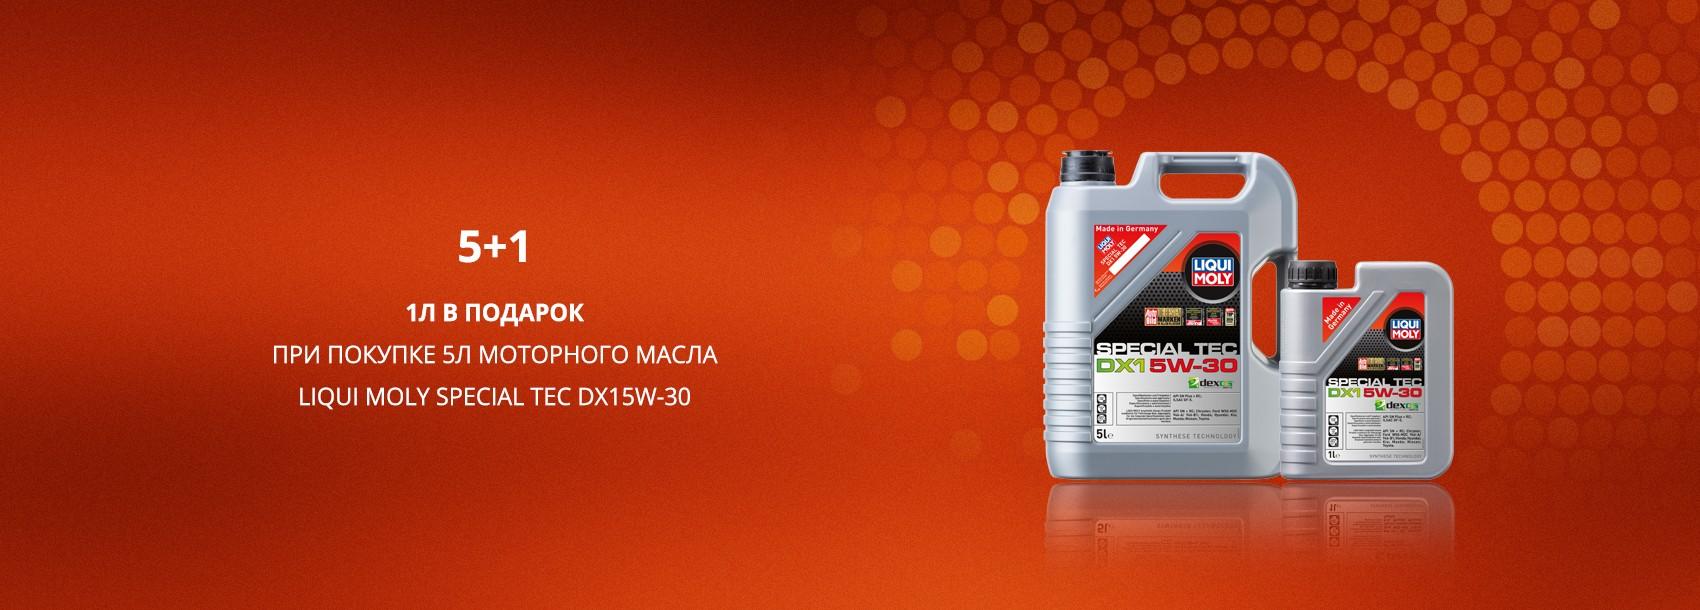 5+1: Special Tec DX1 5W-30